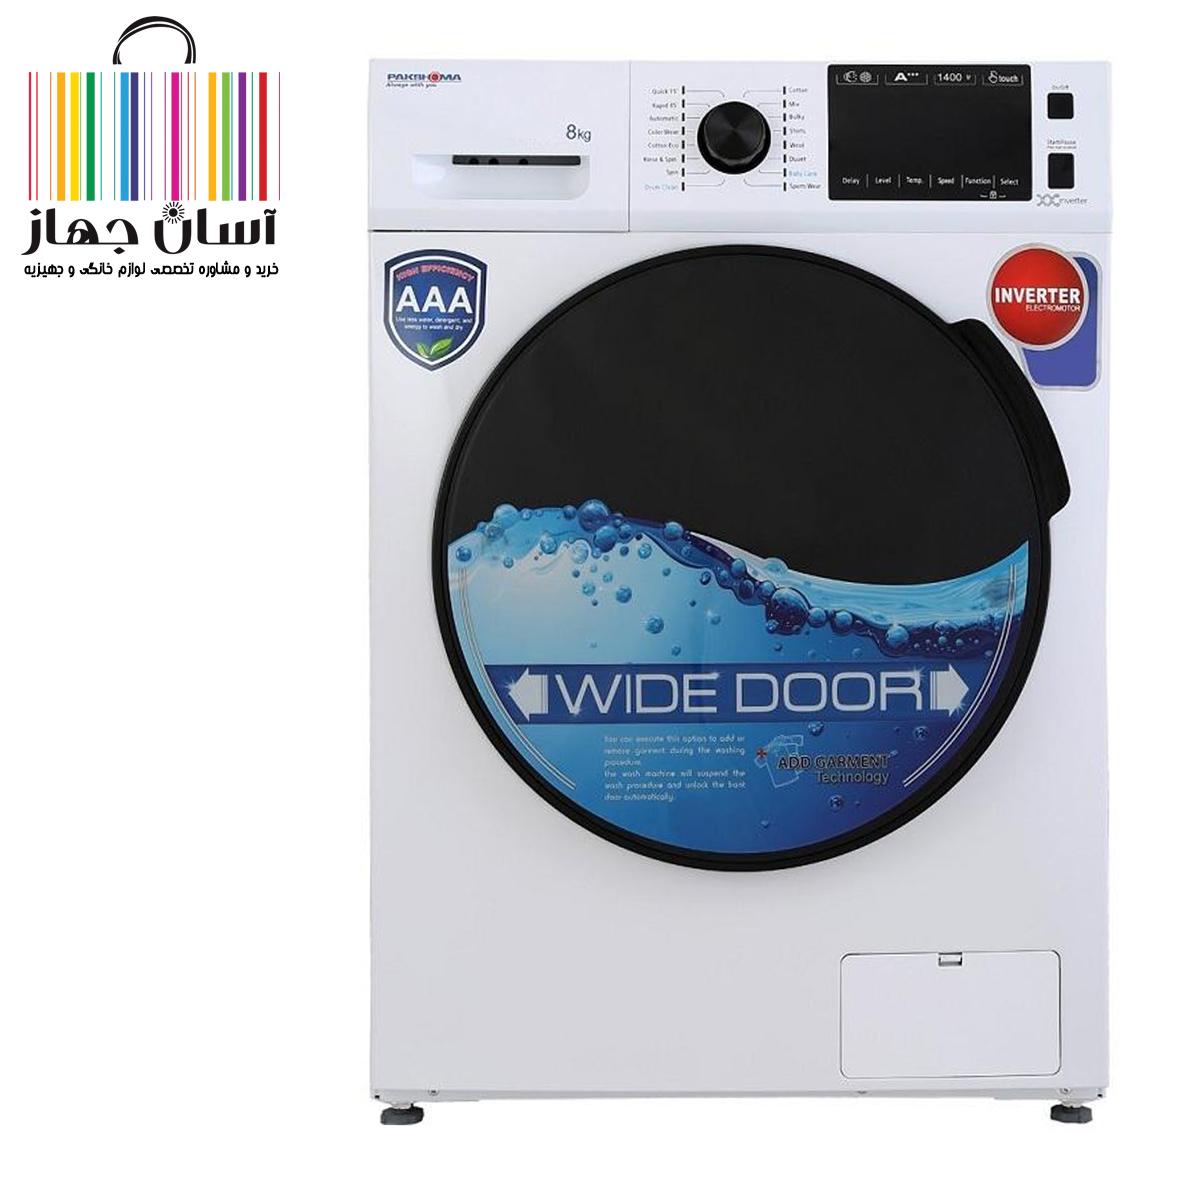 ماشین لباسشویی پاکشوما مدل TFI-84405 WT